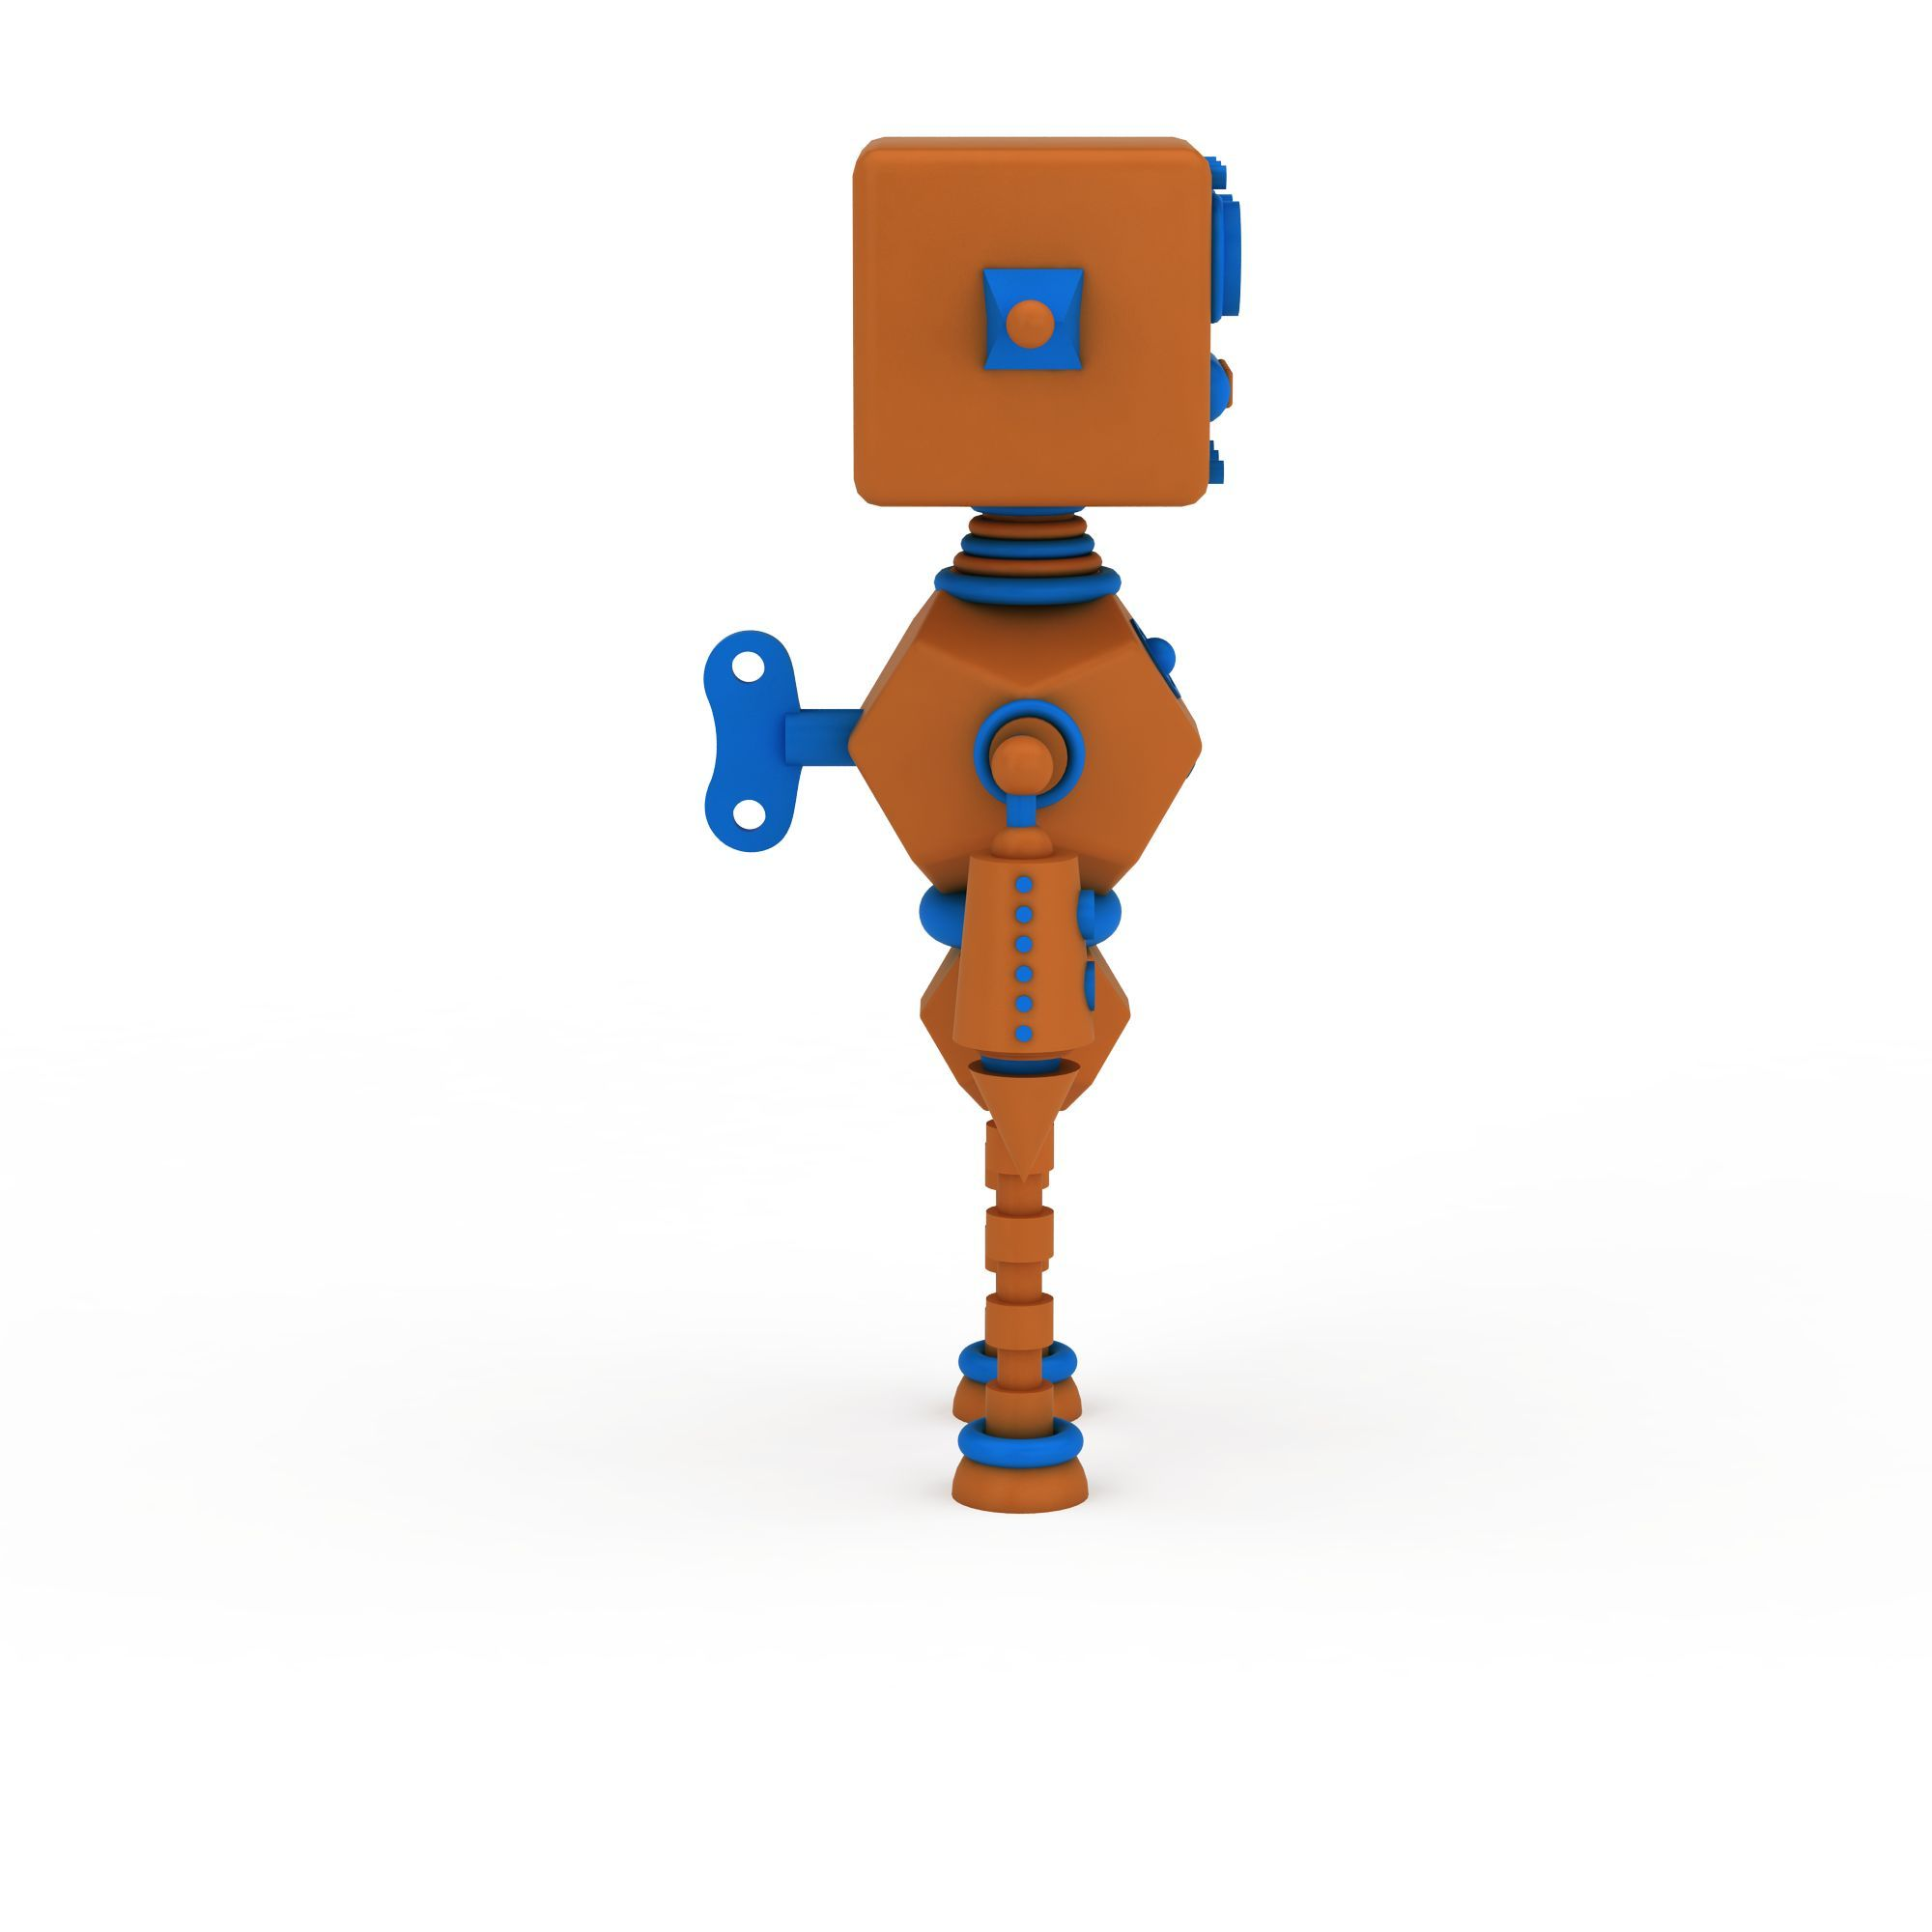 儿童机器人玩具高清图下载